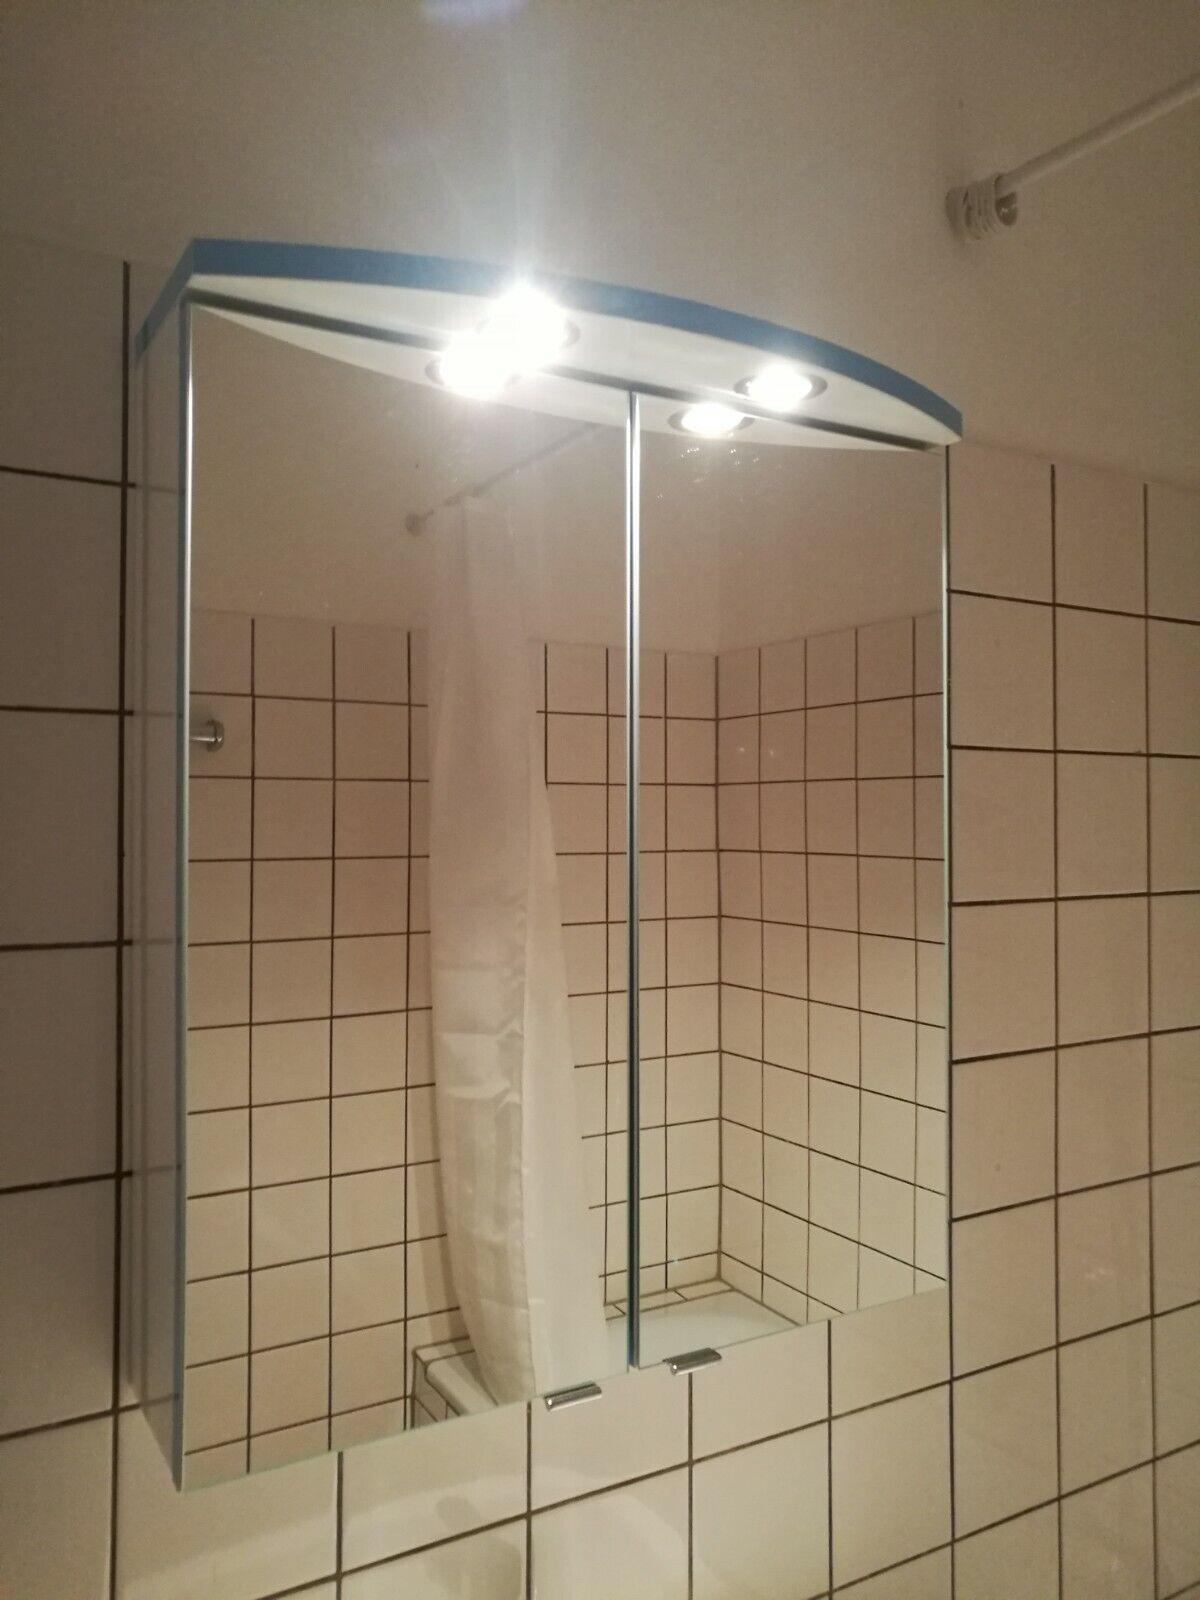 Zweijahre Garantie Badezimmerspiegel, Spiegelschrank, LED ...